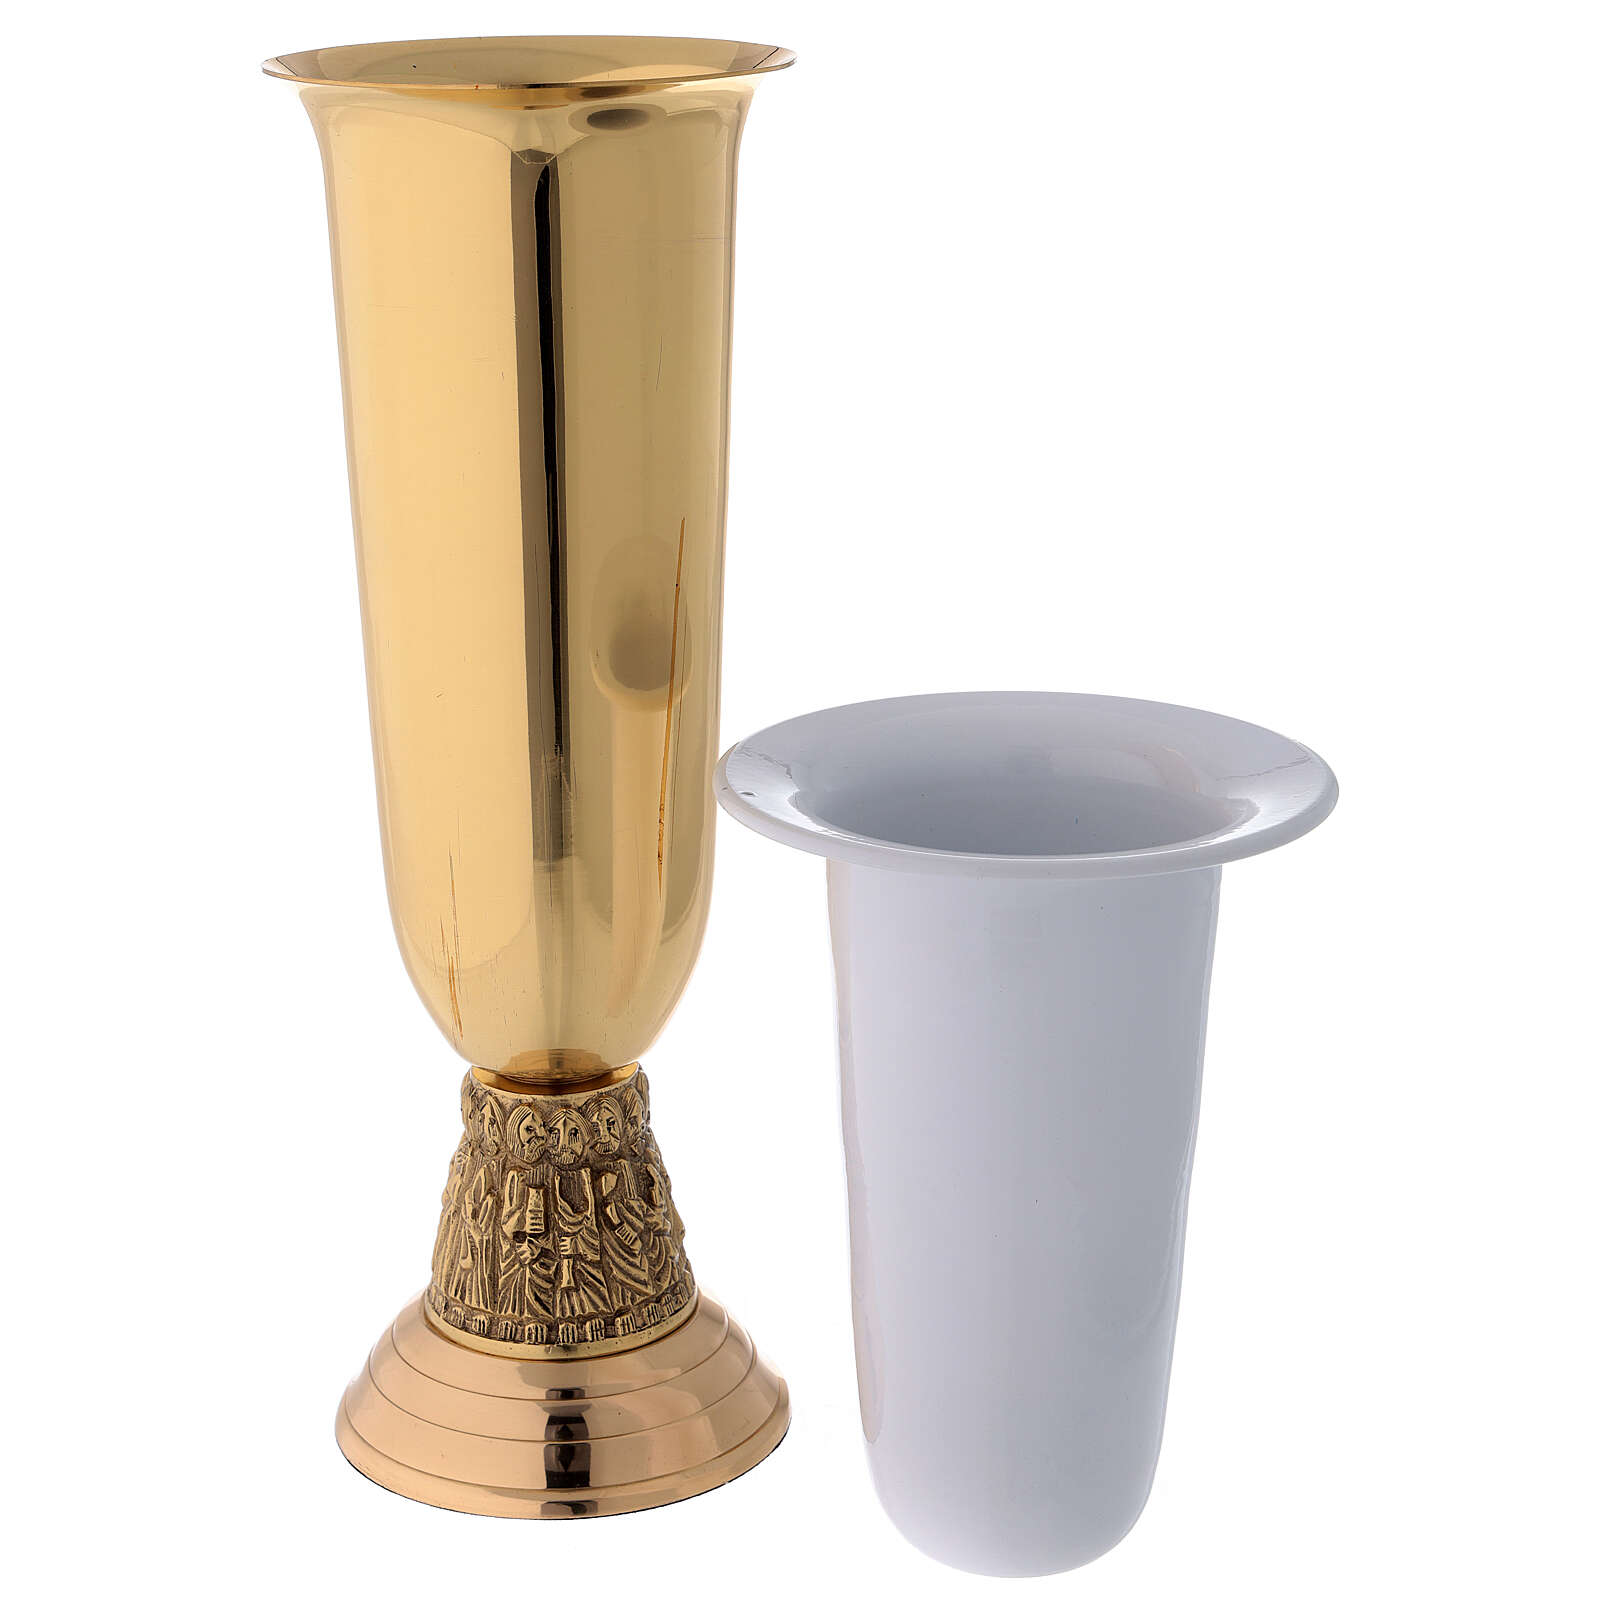 Flower vase in golden brass, steel basket with apostles 3